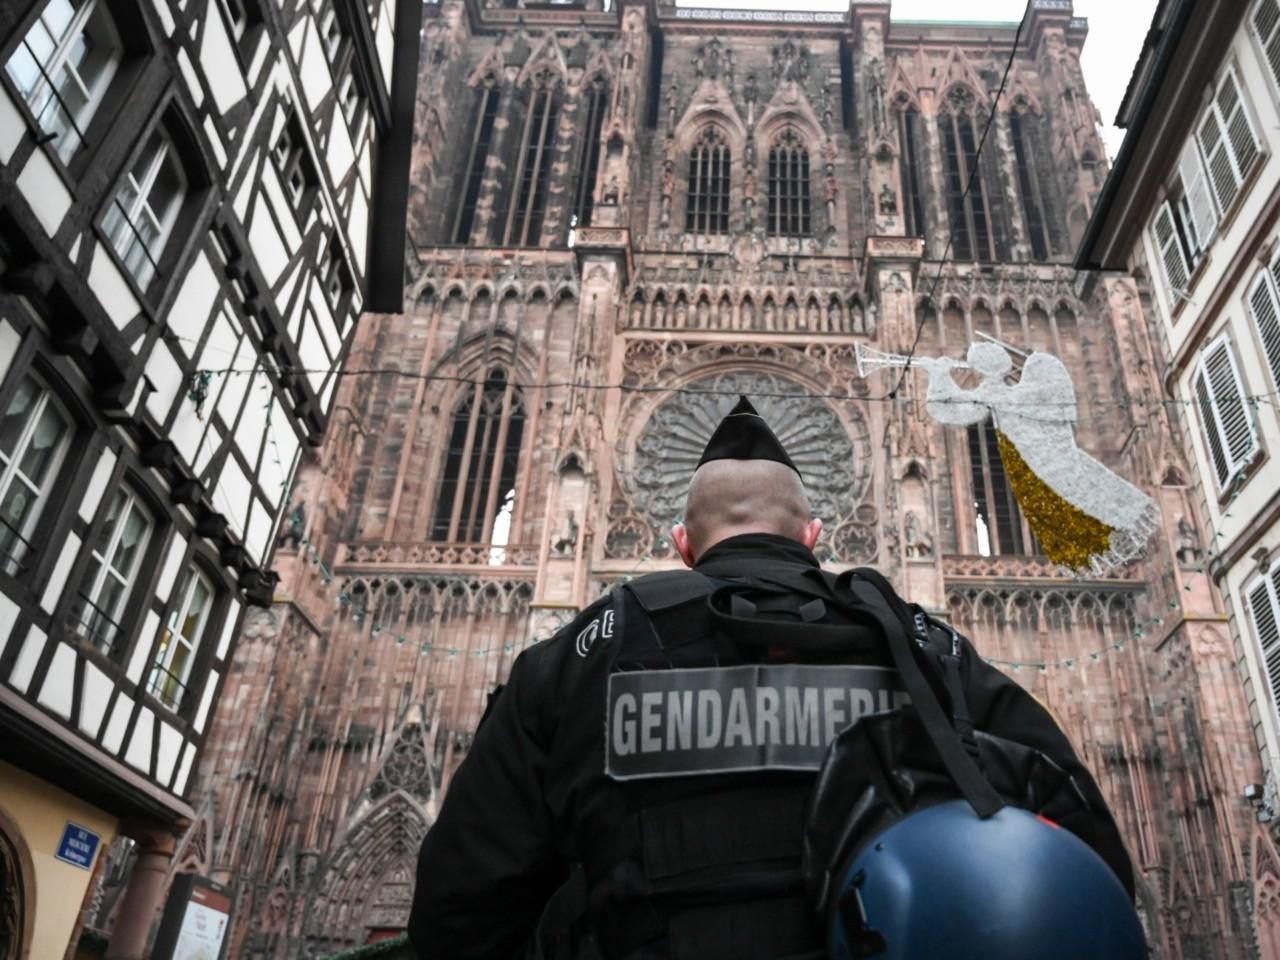 Twelve French Churches Attacked, Vandalized in One Week – 12 Französische Kirchen innerhalb einer Woche angegriffen und zerstört